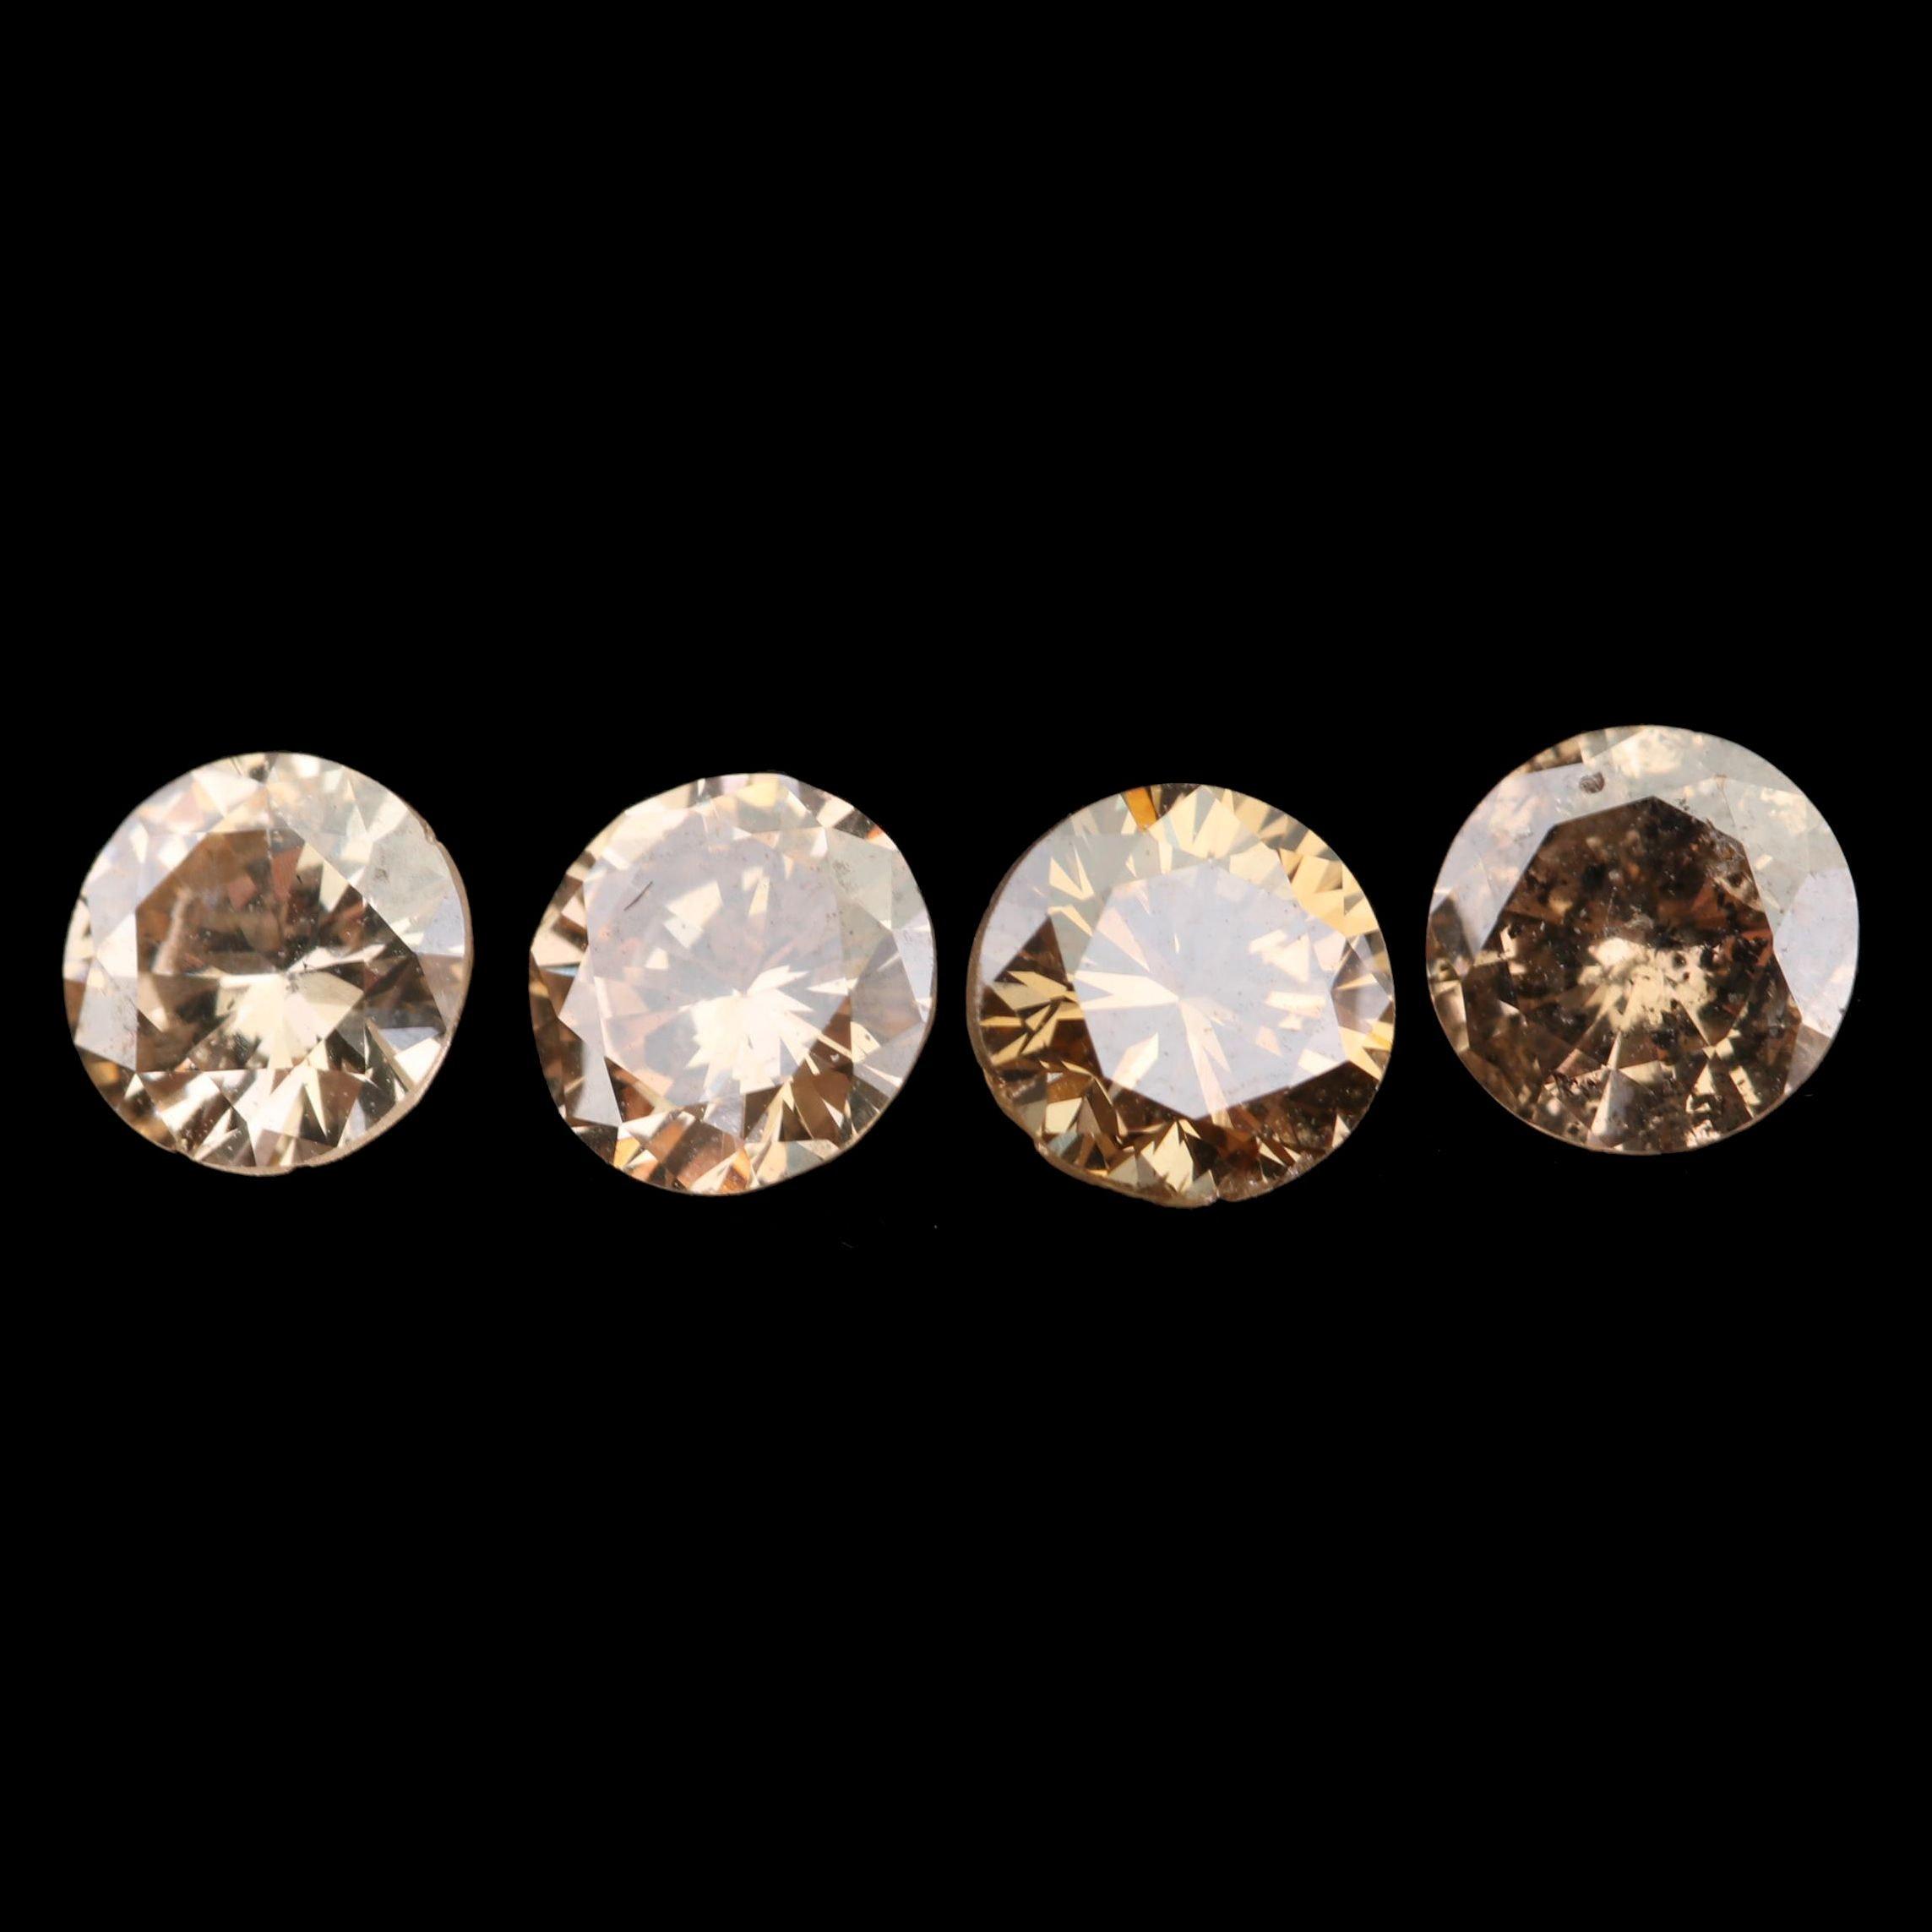 Loose 1.05 CTW Round Brilliant Cut Diamonds